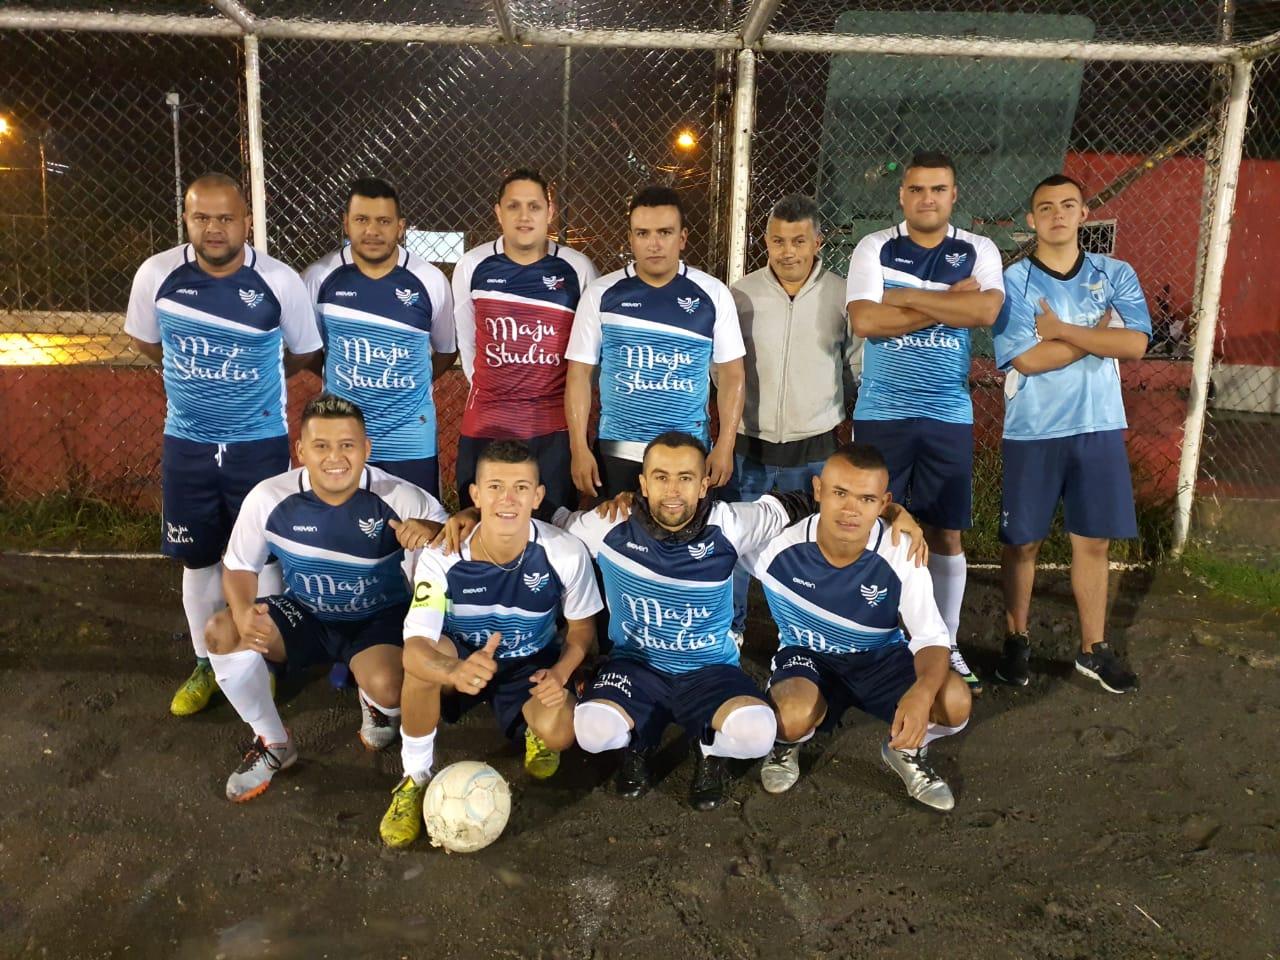 Equipo de Futbol de MaJu Studios en Manizales - Futbol aficionado Manizales